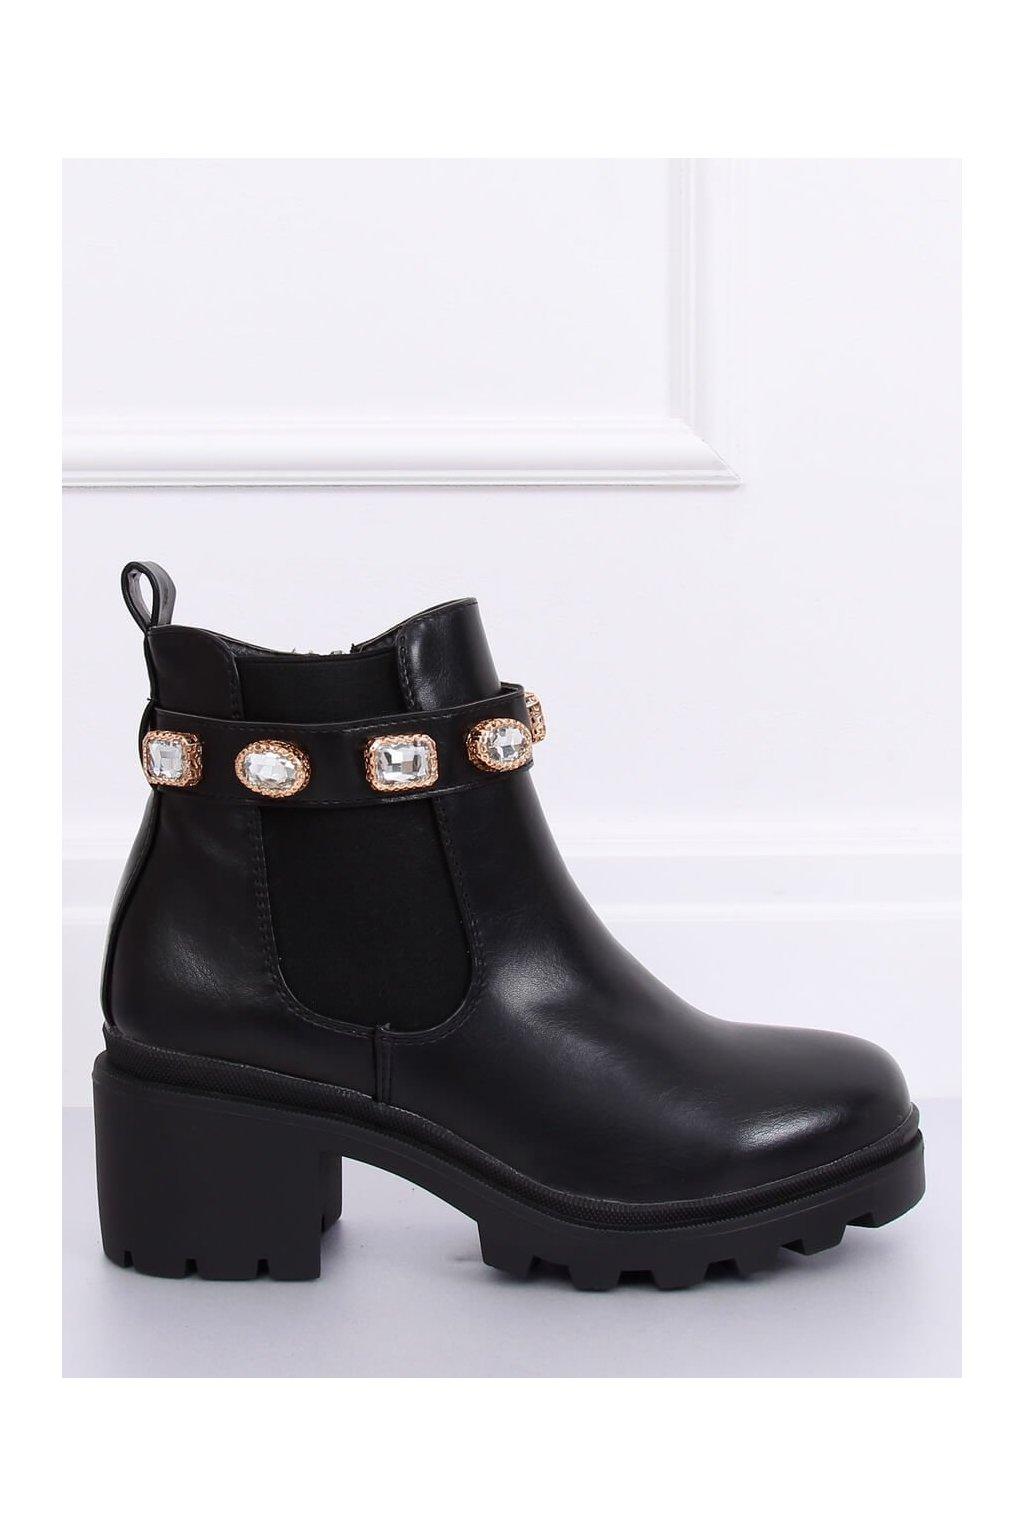 Dámske členkové topánky čierne na širokom podpätku HE107